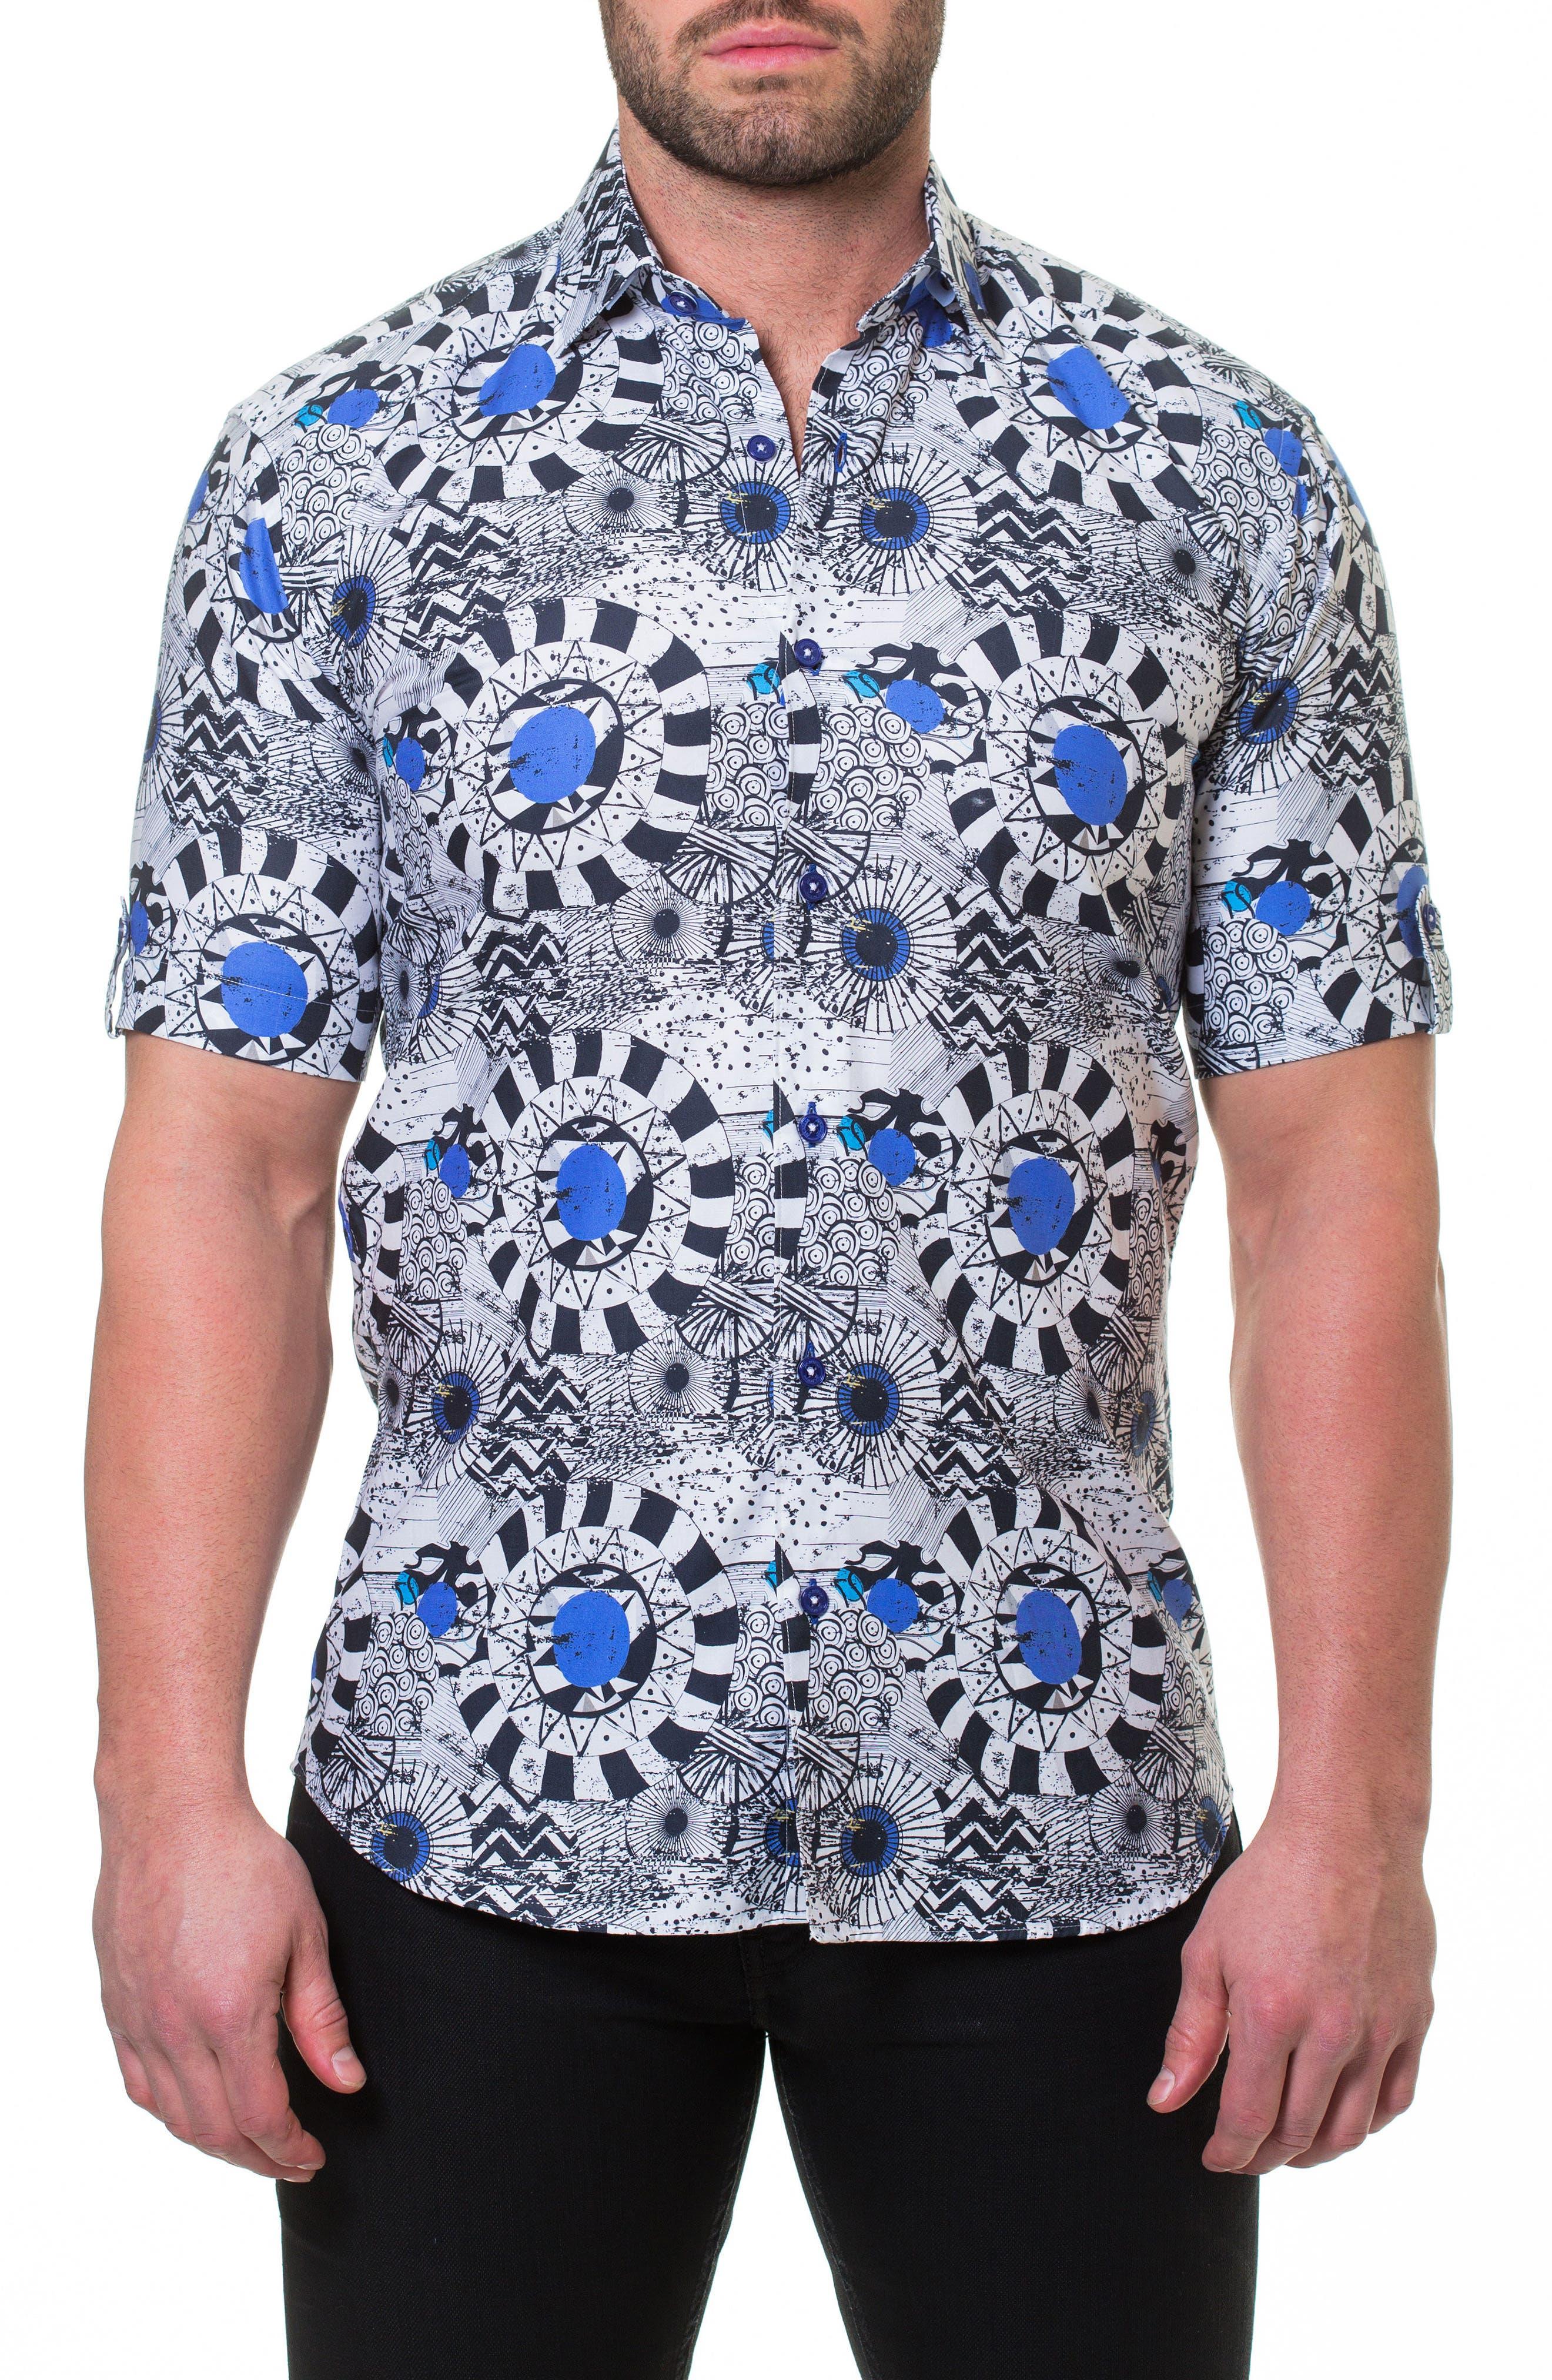 Maceoo Sport Shirt